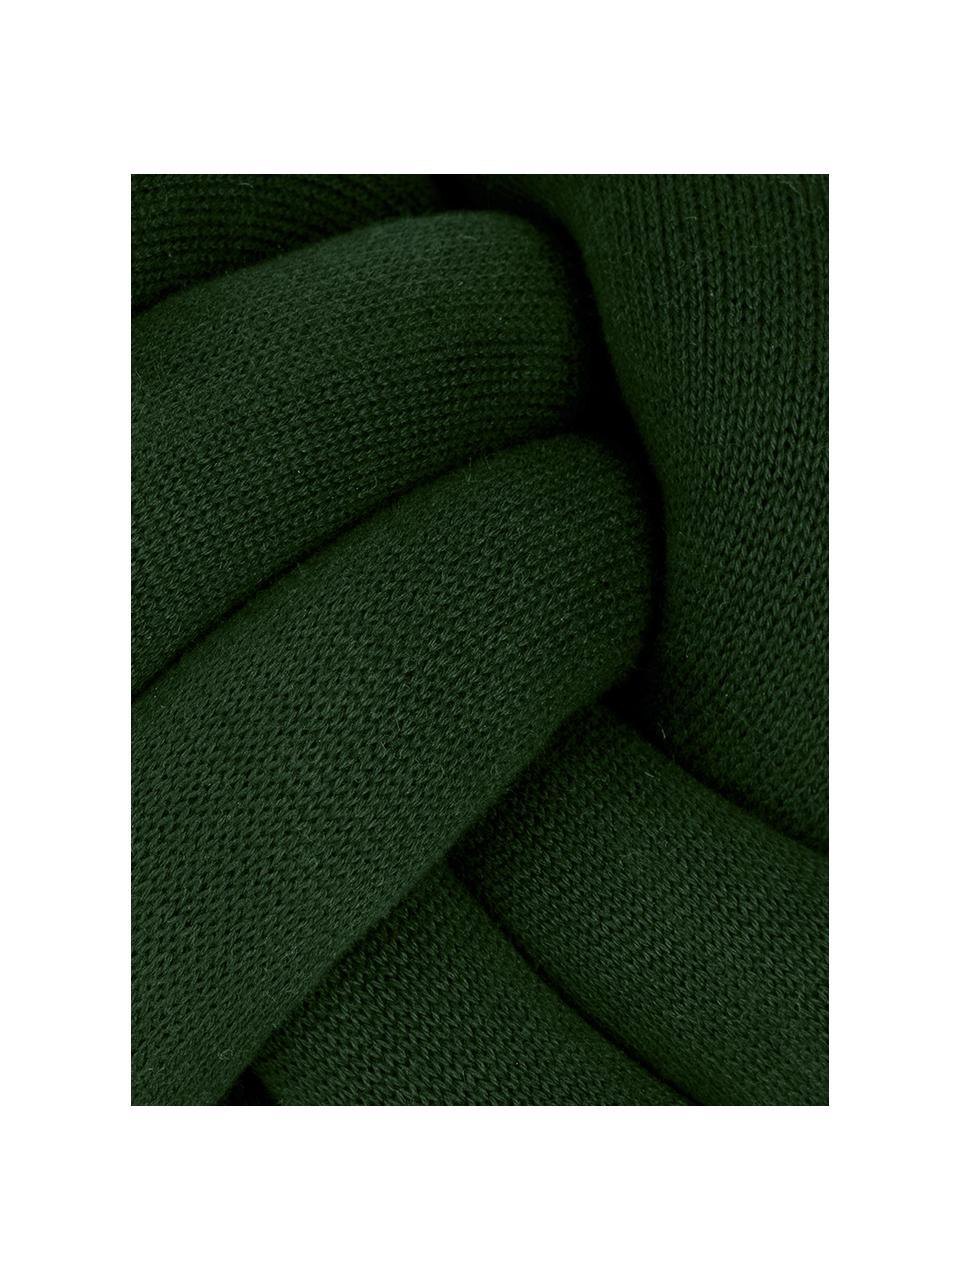 Coussin nœud vert foncé Twist, Vert foncé